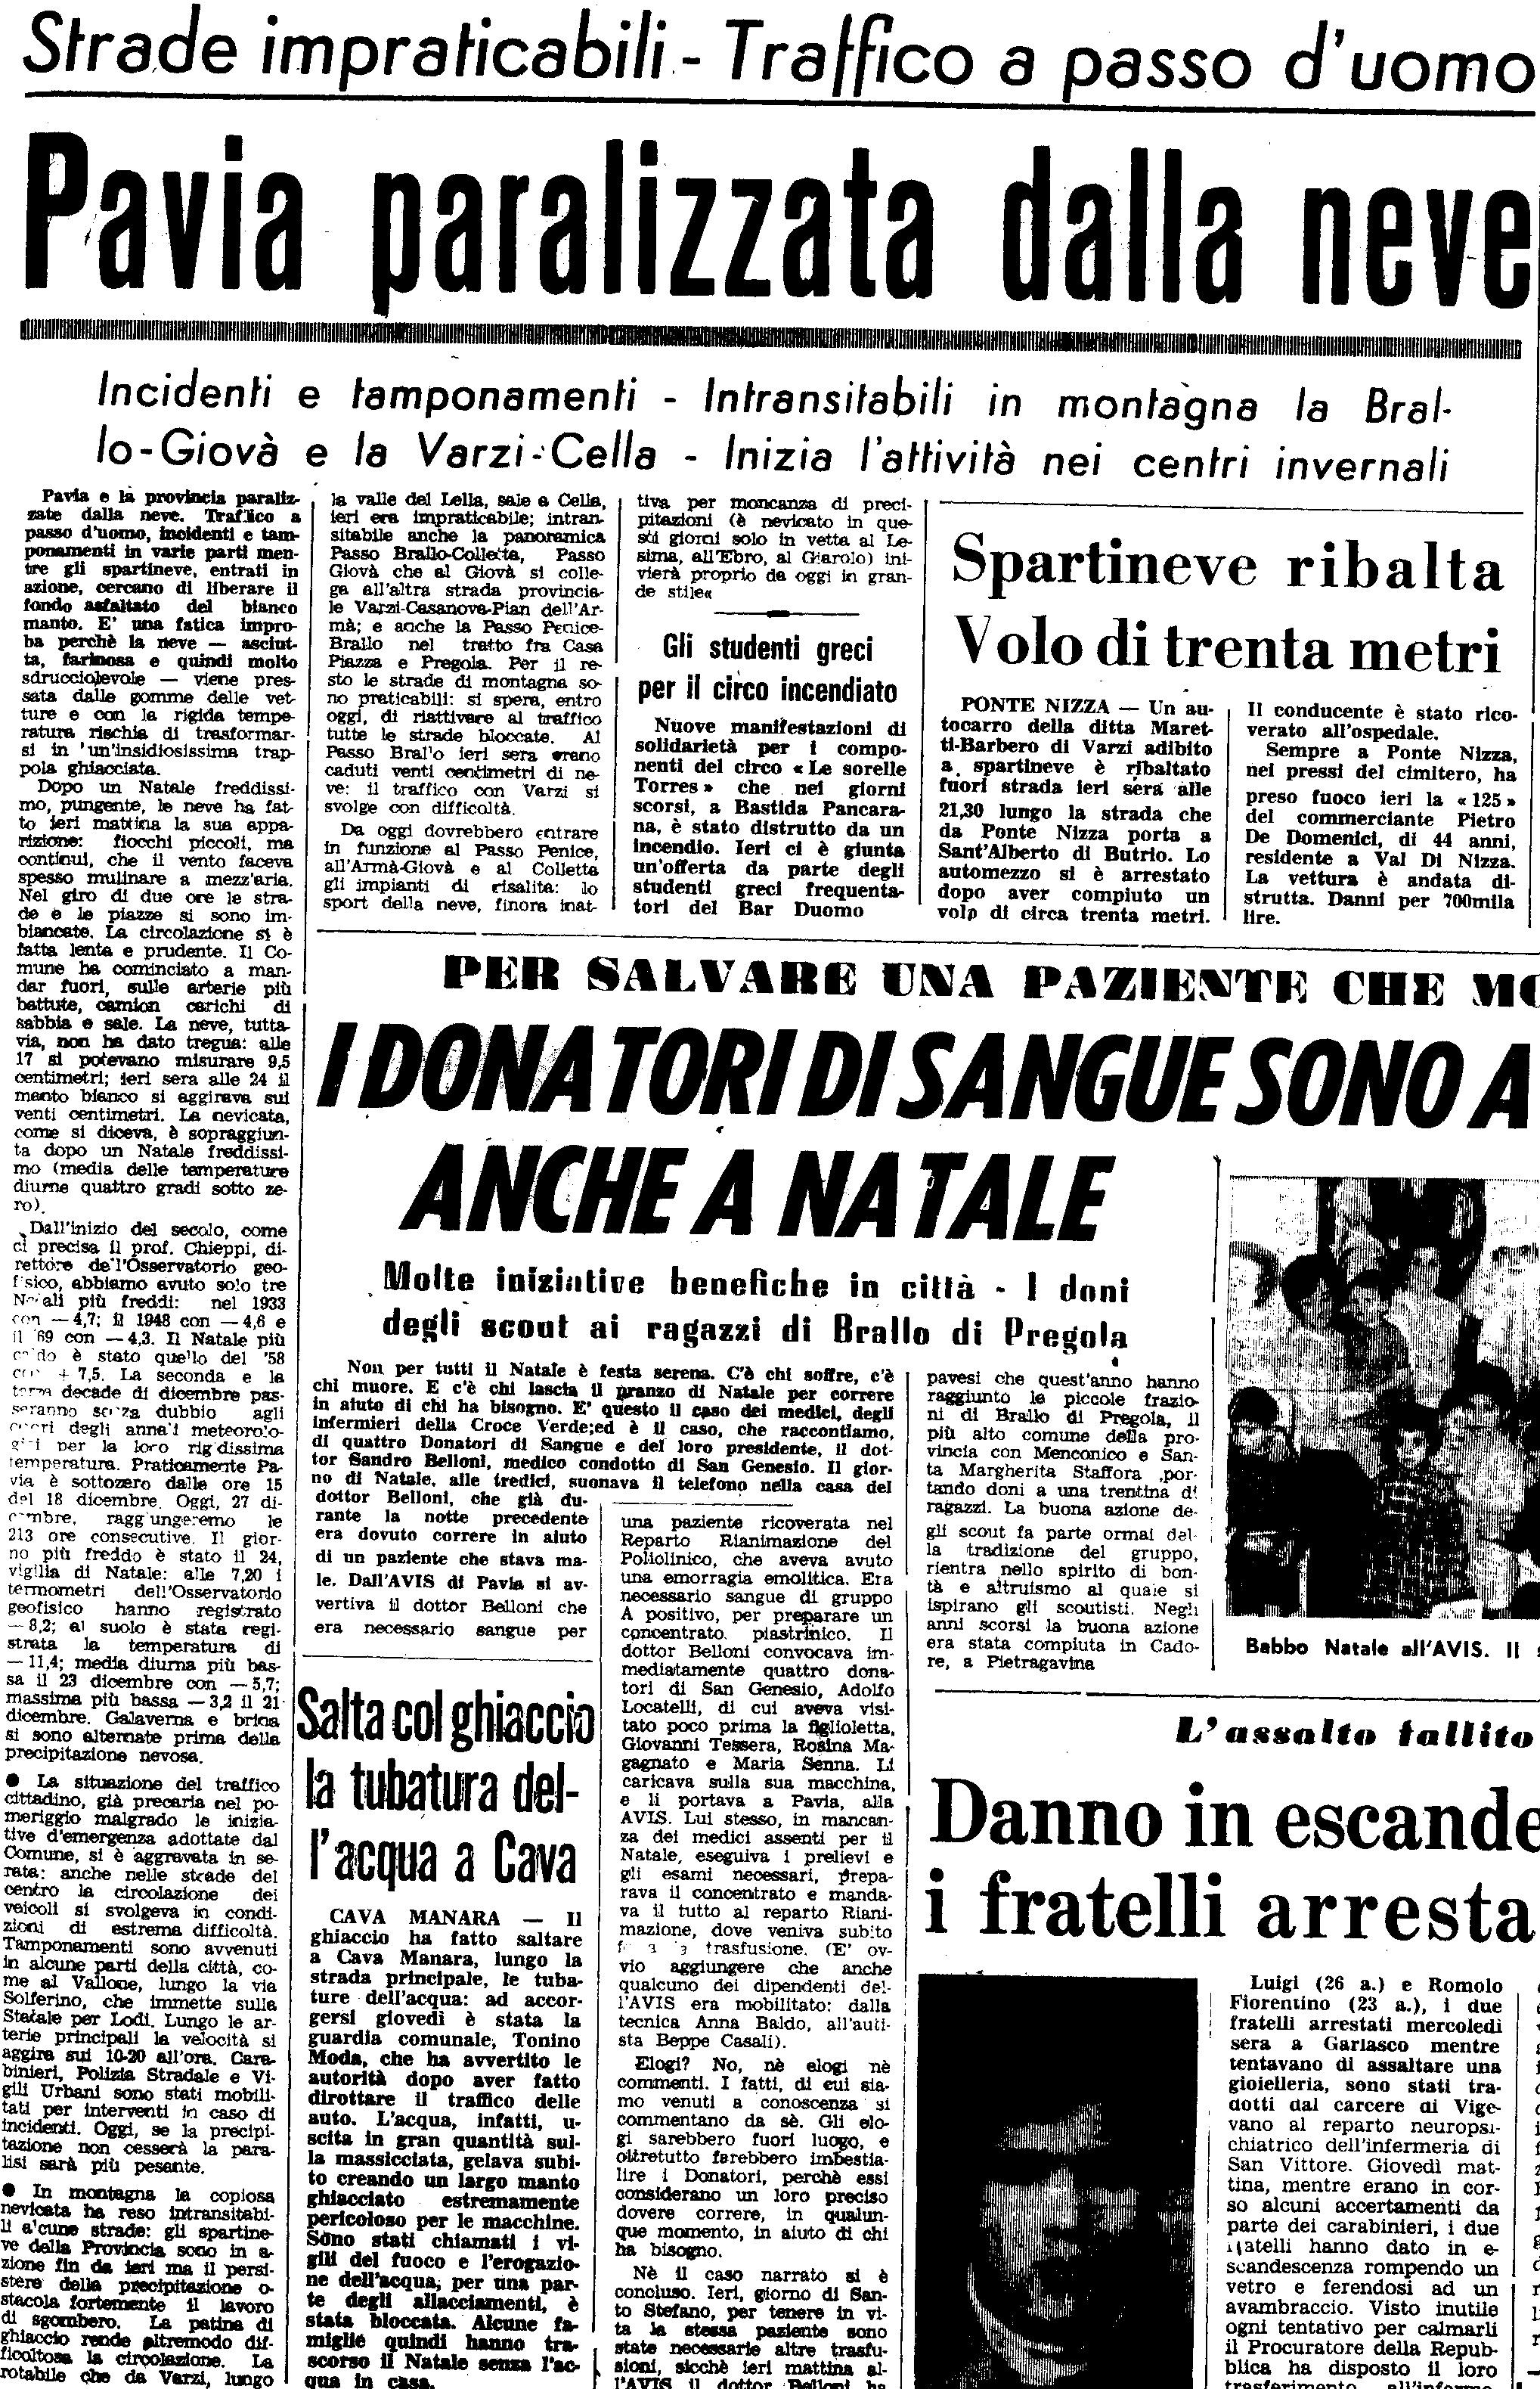 La nevicata del 27 Dicembre 1970 ripresa da un articolo de